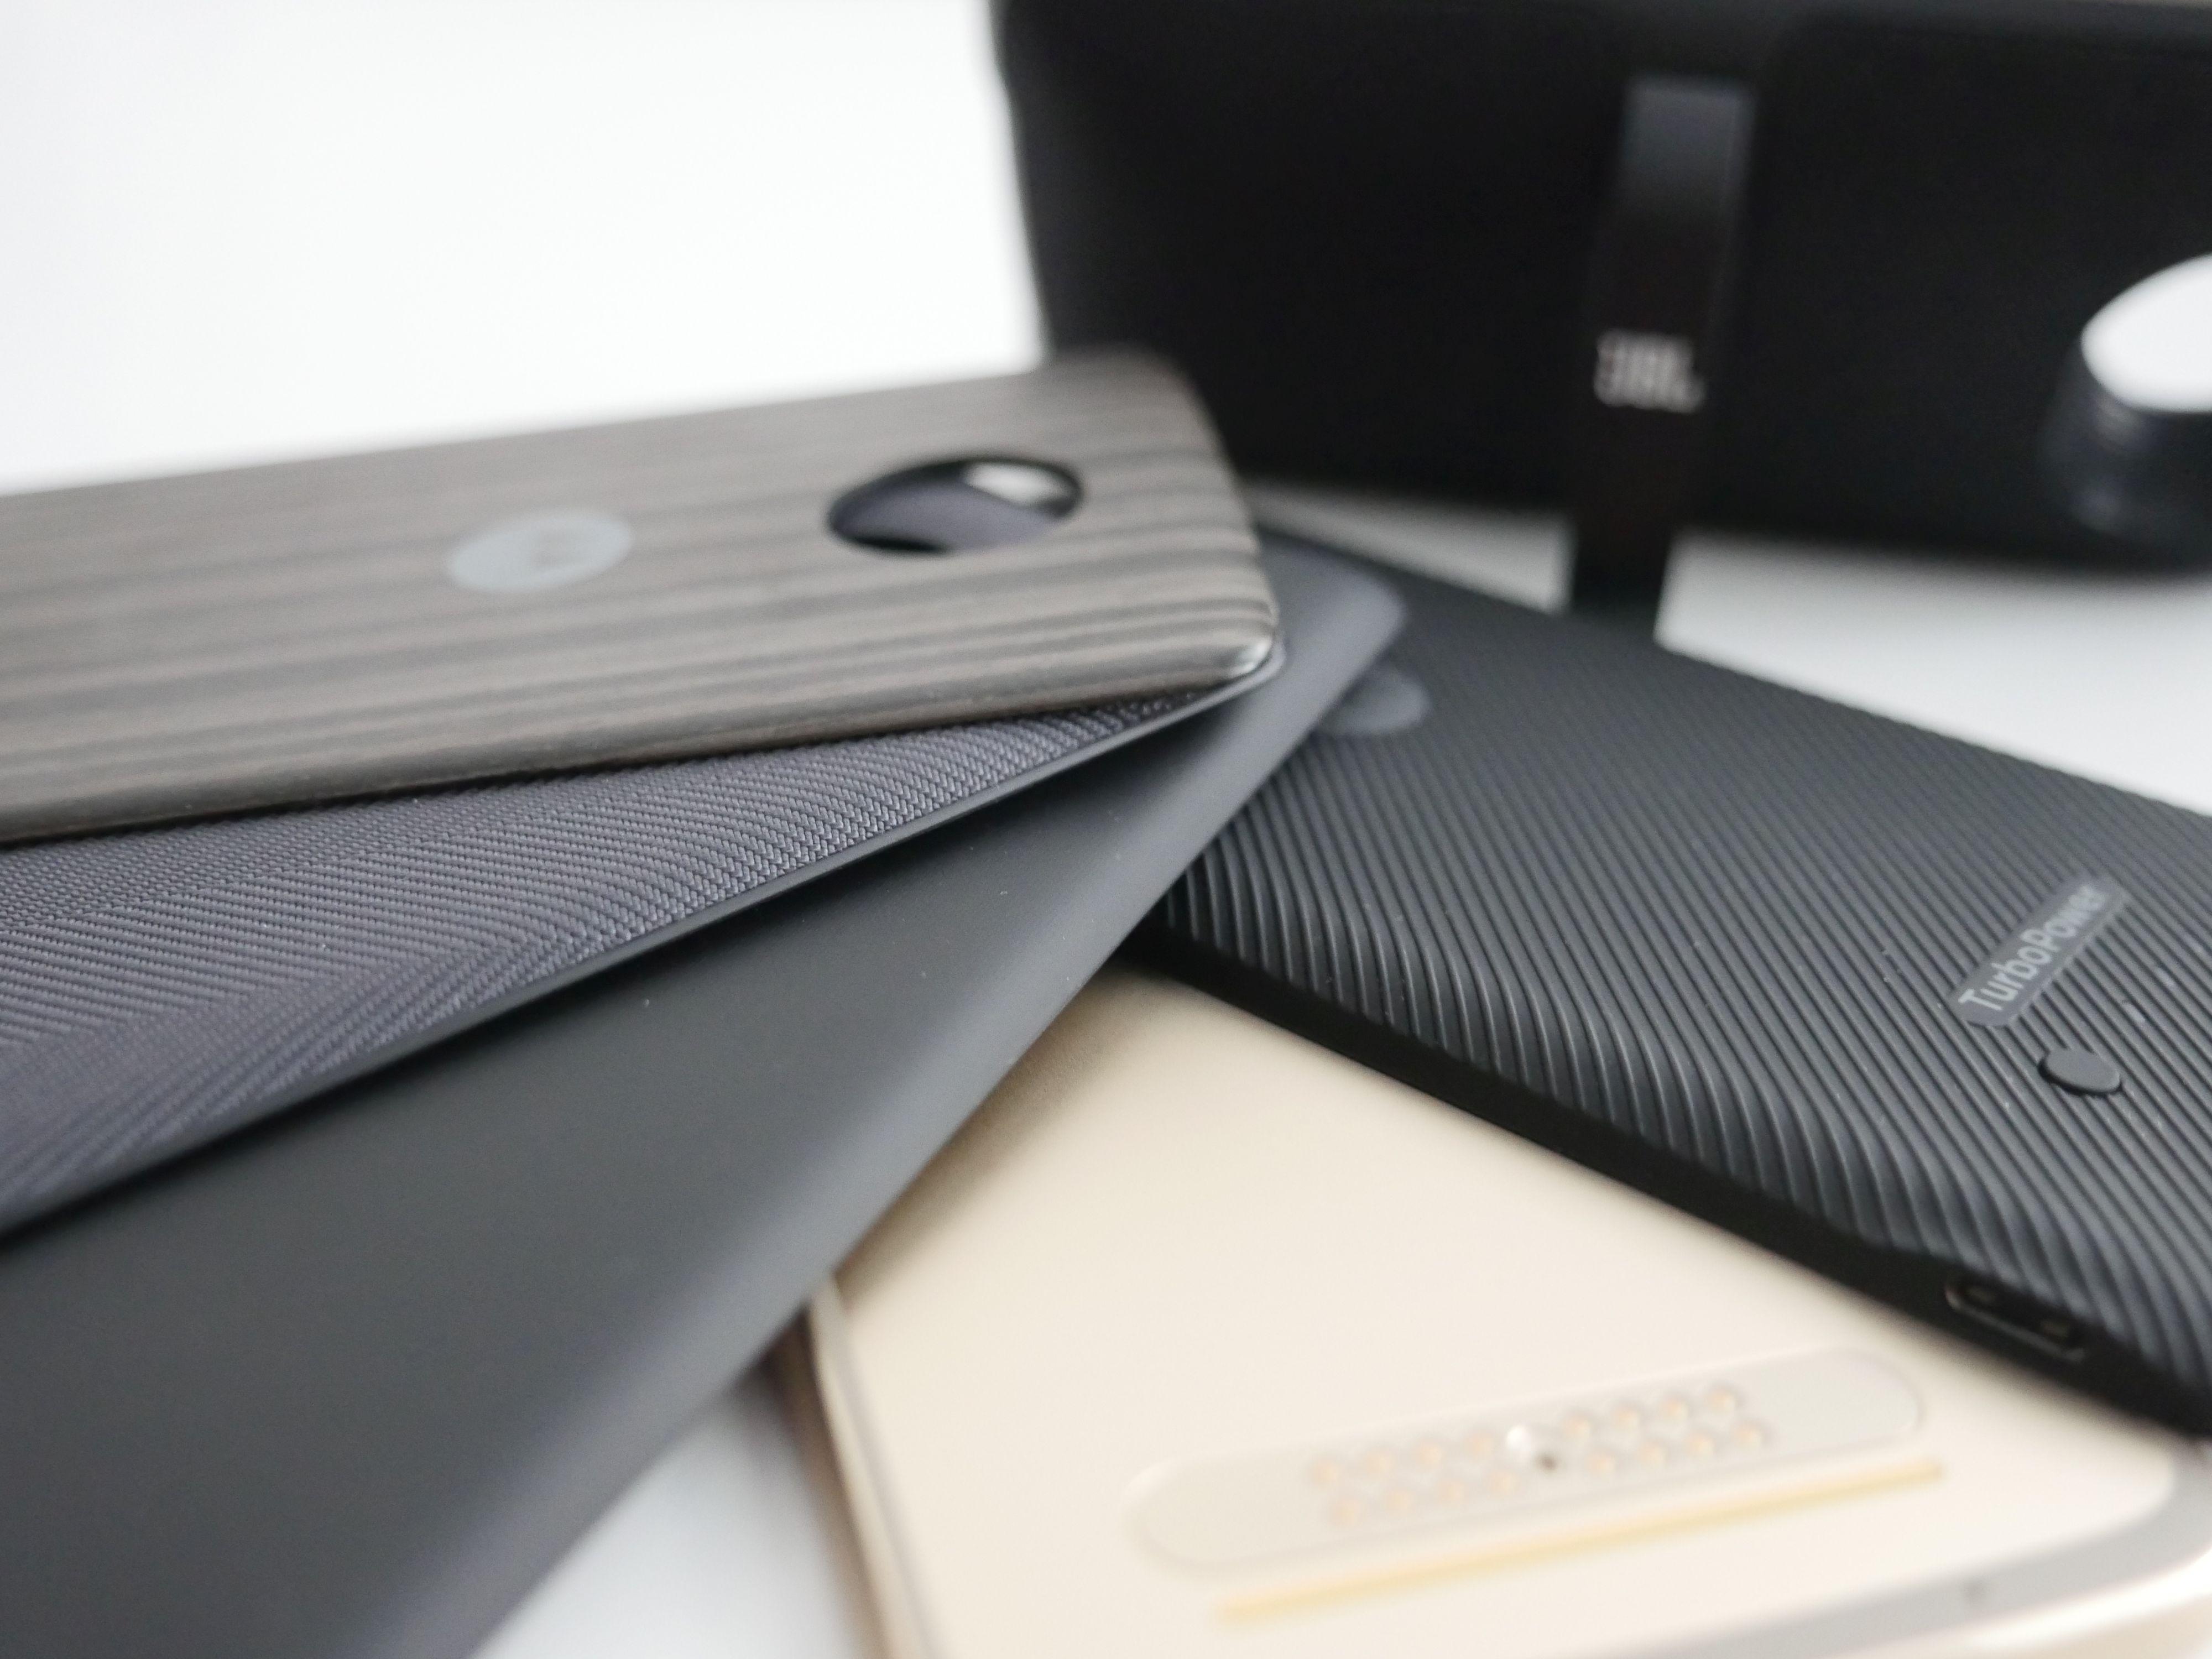 Tabletowo.pl Lenovo się cieszy, ponieważ zapotrzebowanie na smartfony - zwłaszcza z serii Moto - stale rośnie Akcesoria Android Lenovo Motorola Raporty/Statystyki Smartfony